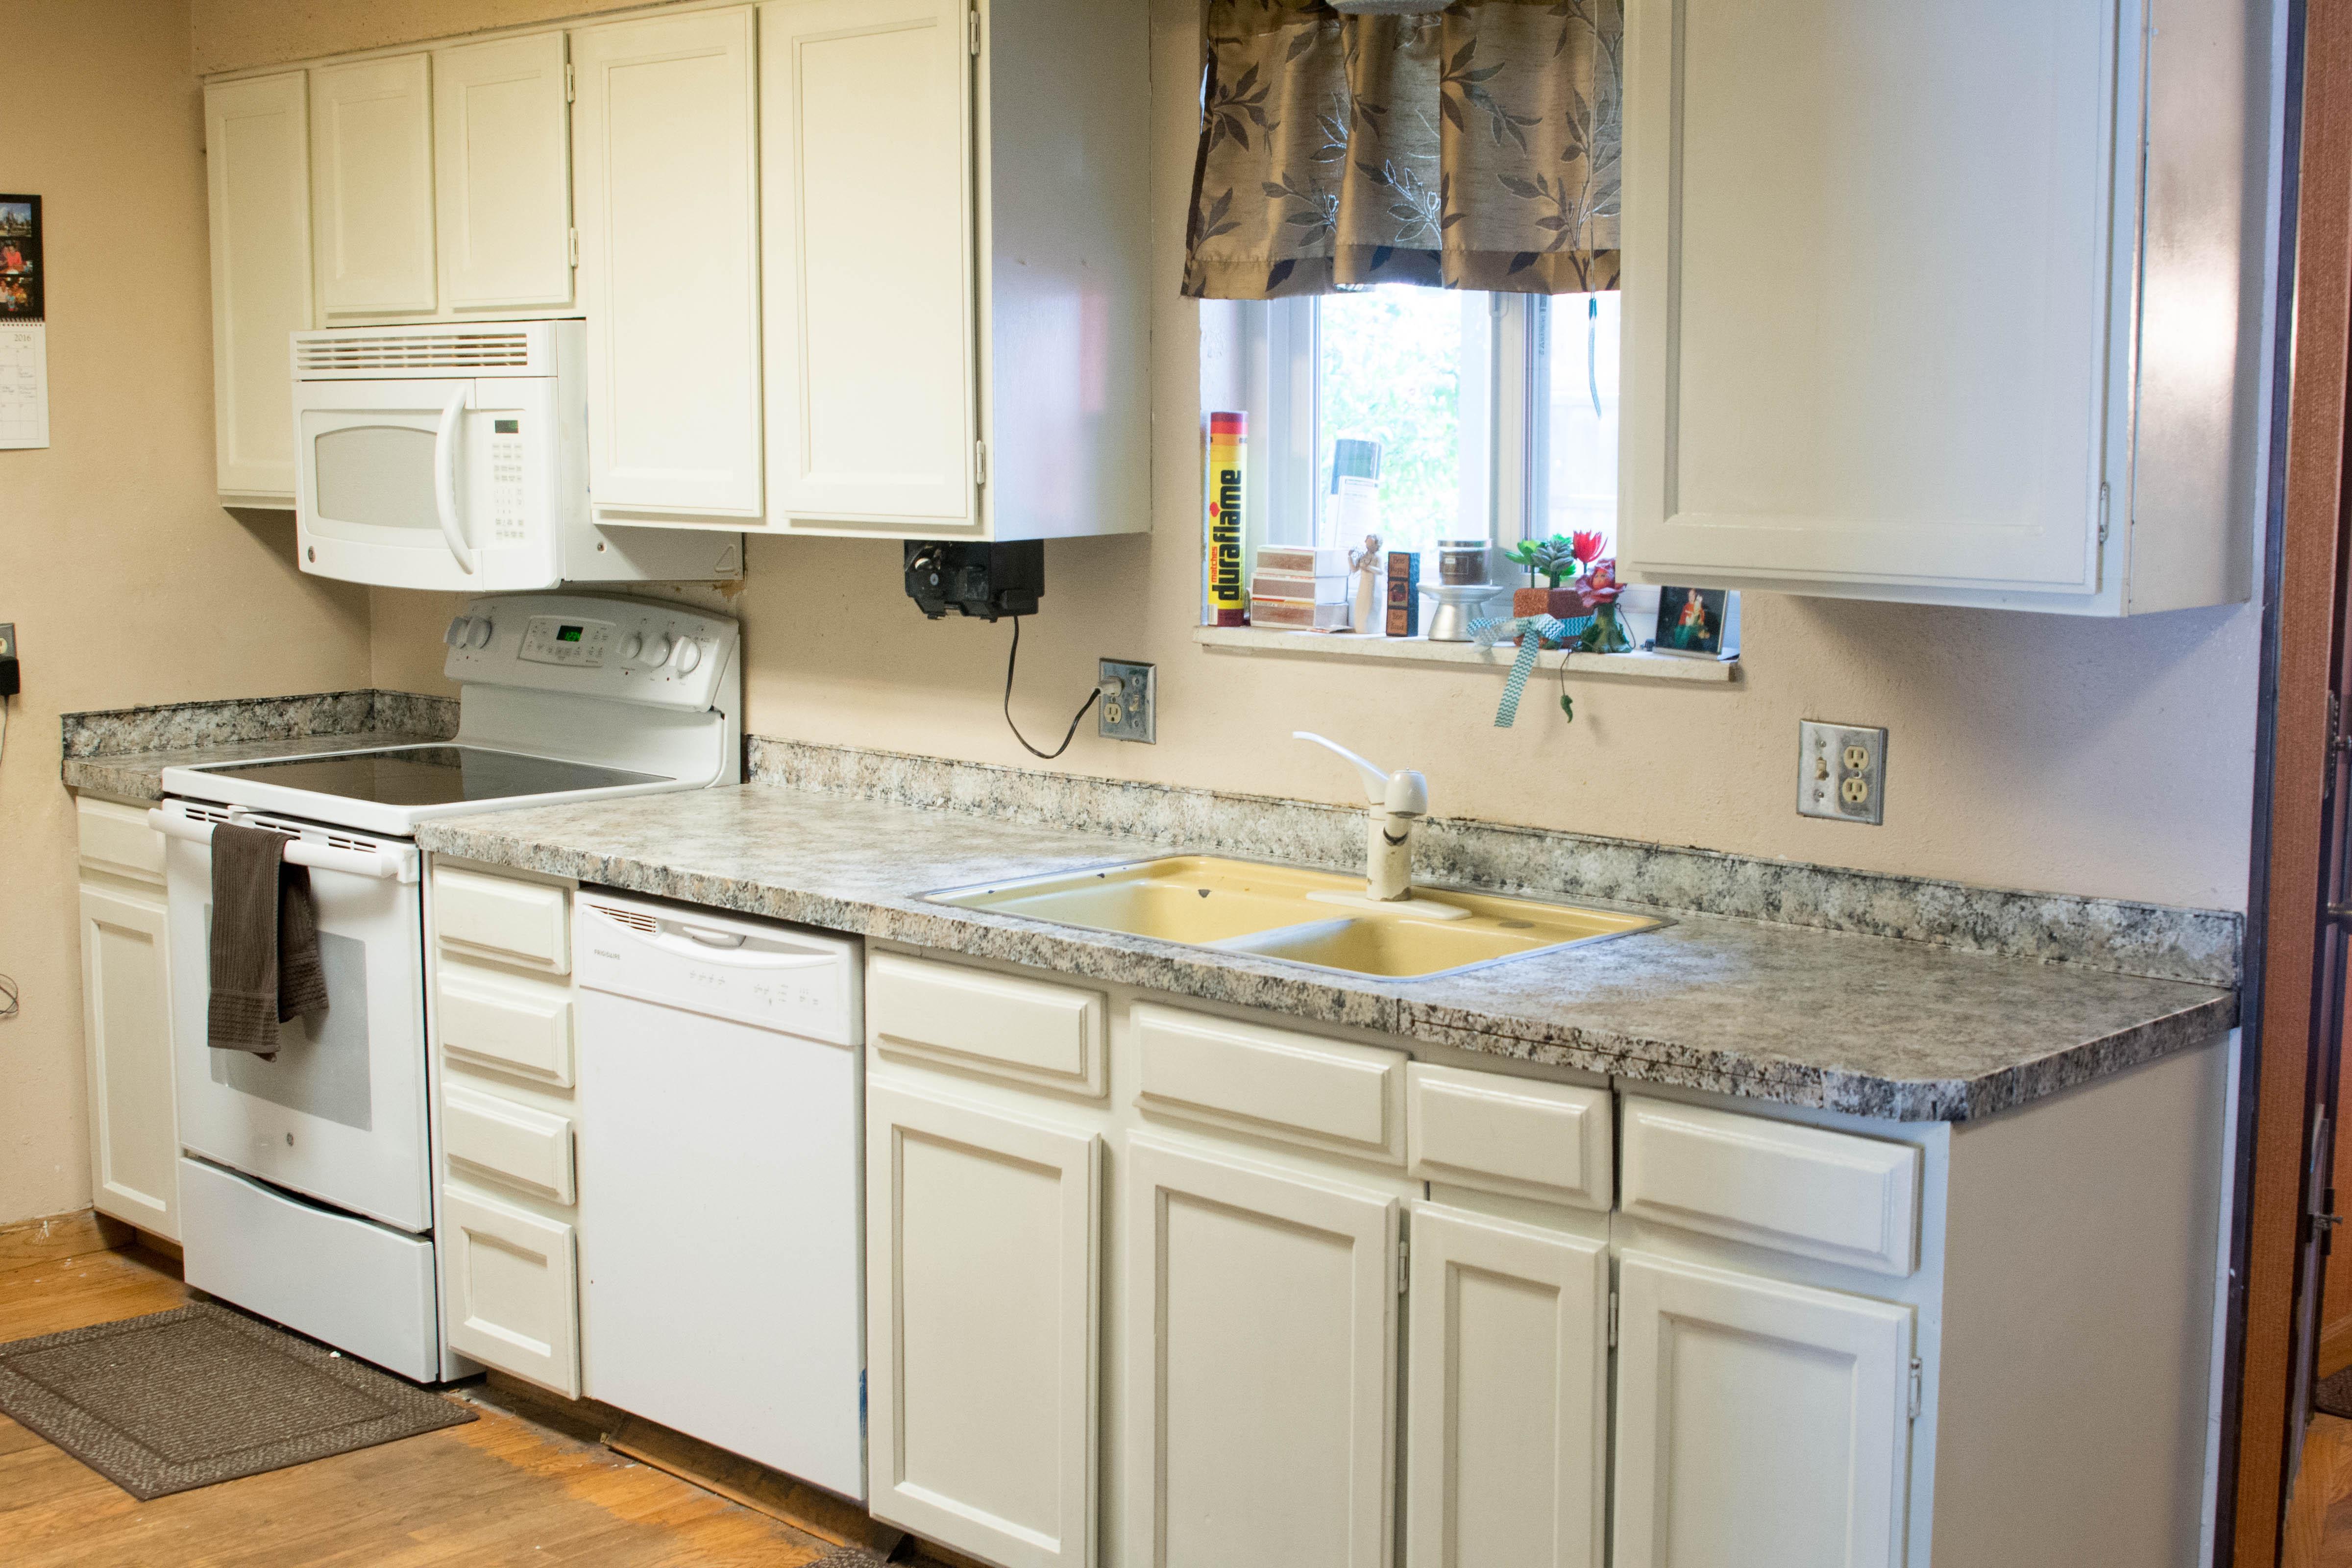 diy-kitchen-countertops (3 of 7)